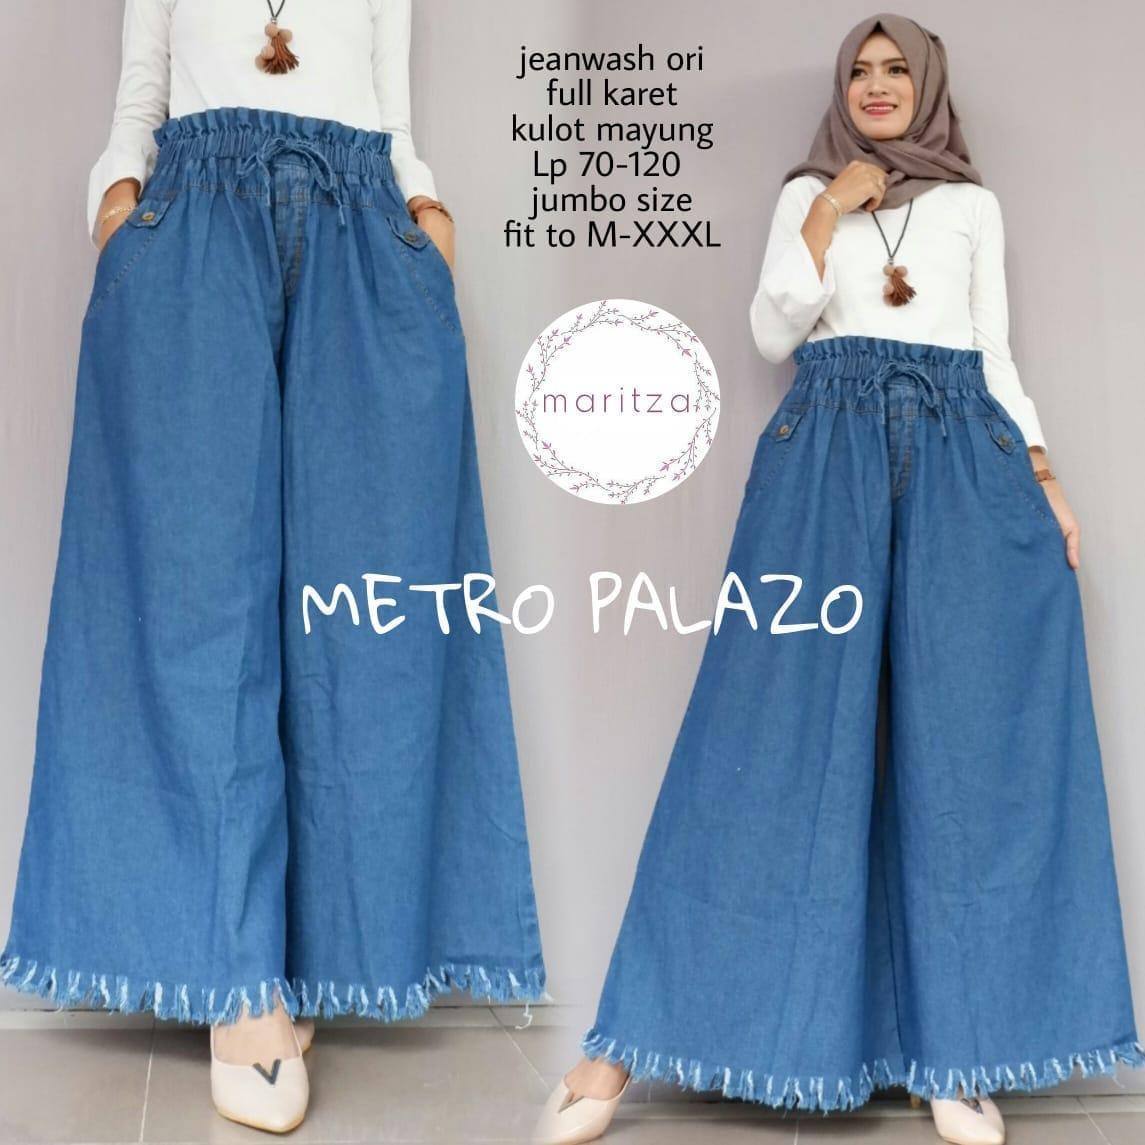 Metro Palazo - Kulot Jeans Jumbo - Celana Jumbo - Bawahan Ukuran Besar  Wanita a52cab53b0